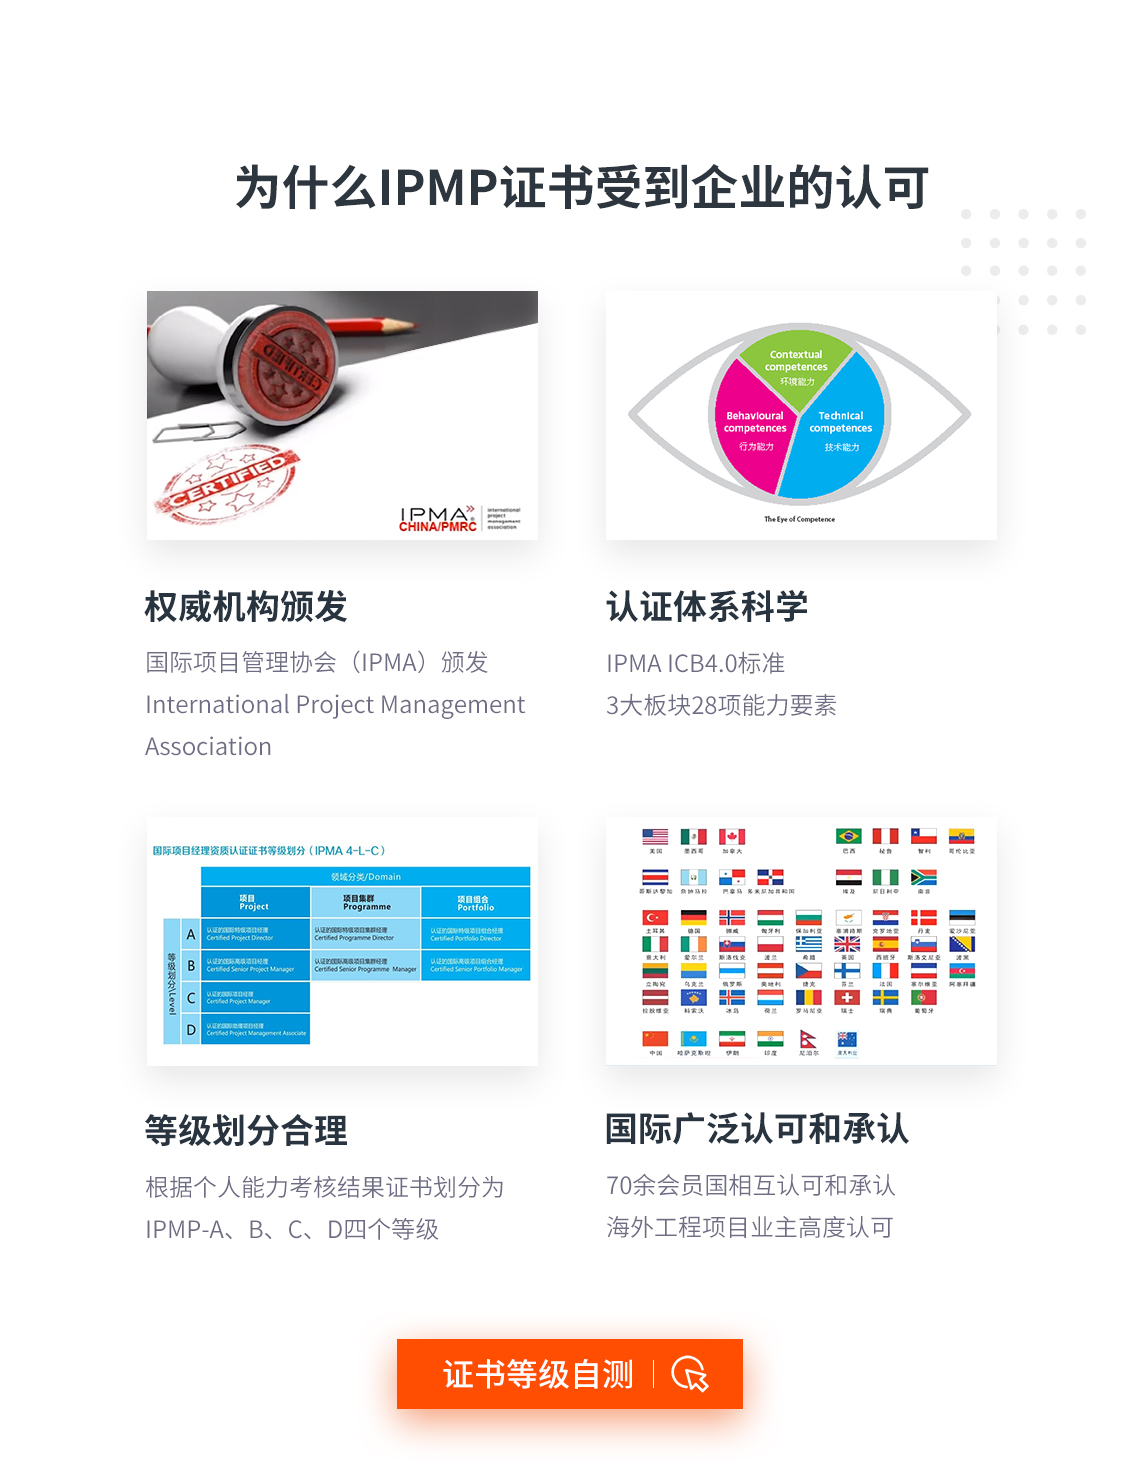 为什么IPMP证书受到企业认可?IPMP认证证书由权威机构国际项目管理协会(IPMA)颁发;IPMP认证有着科学科学的体系,遵照IPMA ICB4.0标准,共有3大能力板块28项能力要素;IPMP认证等级划分合理,根据个人能力考核结果证书划分为IPMP-A、B、C、D四个等级,受到全球70余会员国相互认可和承认,海外项目业主高度认可。